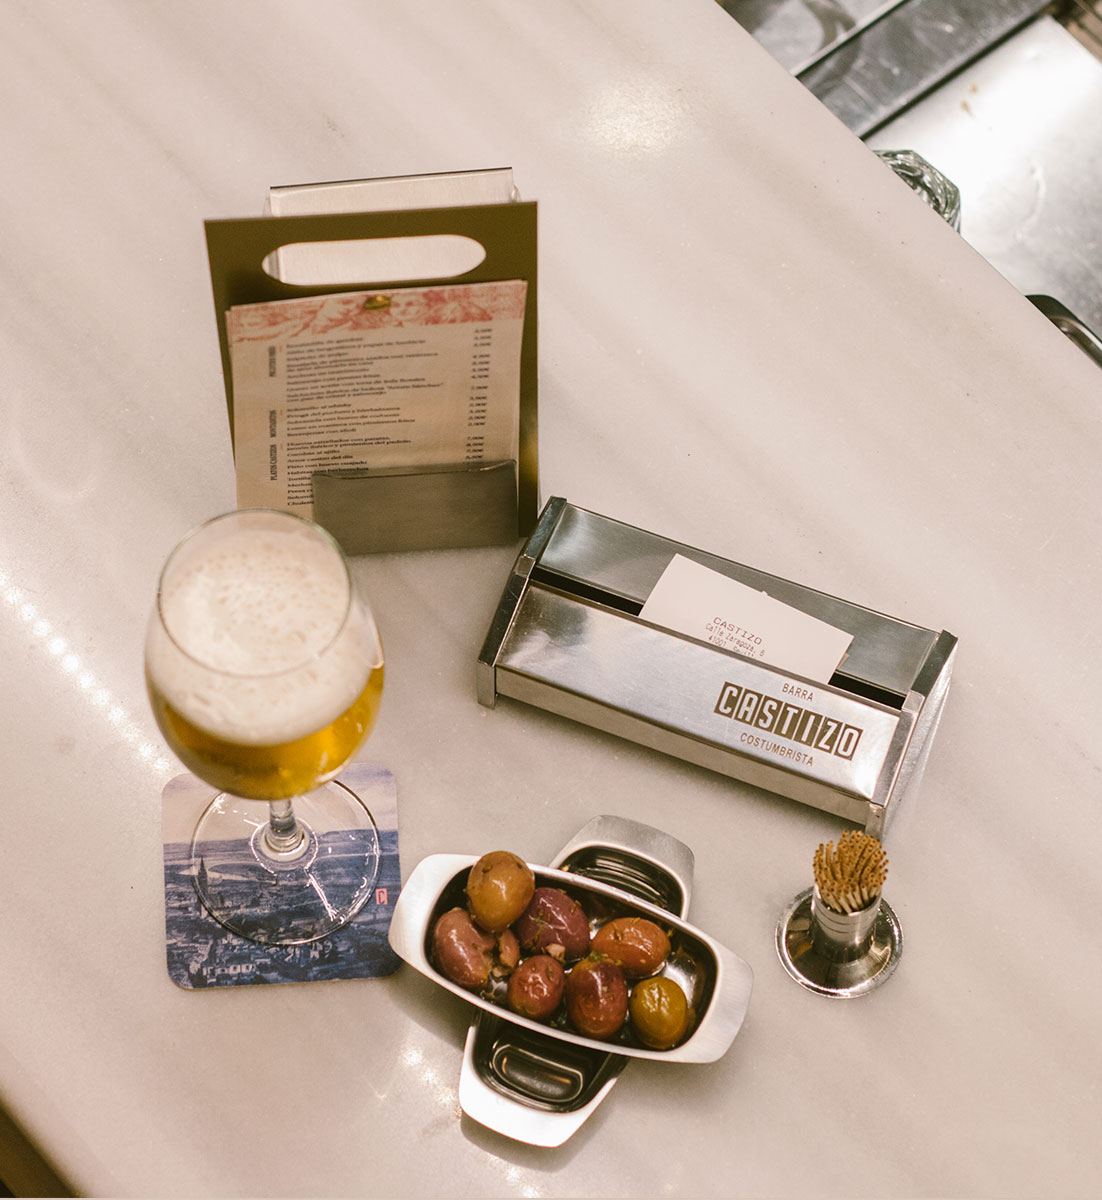 bar castizo